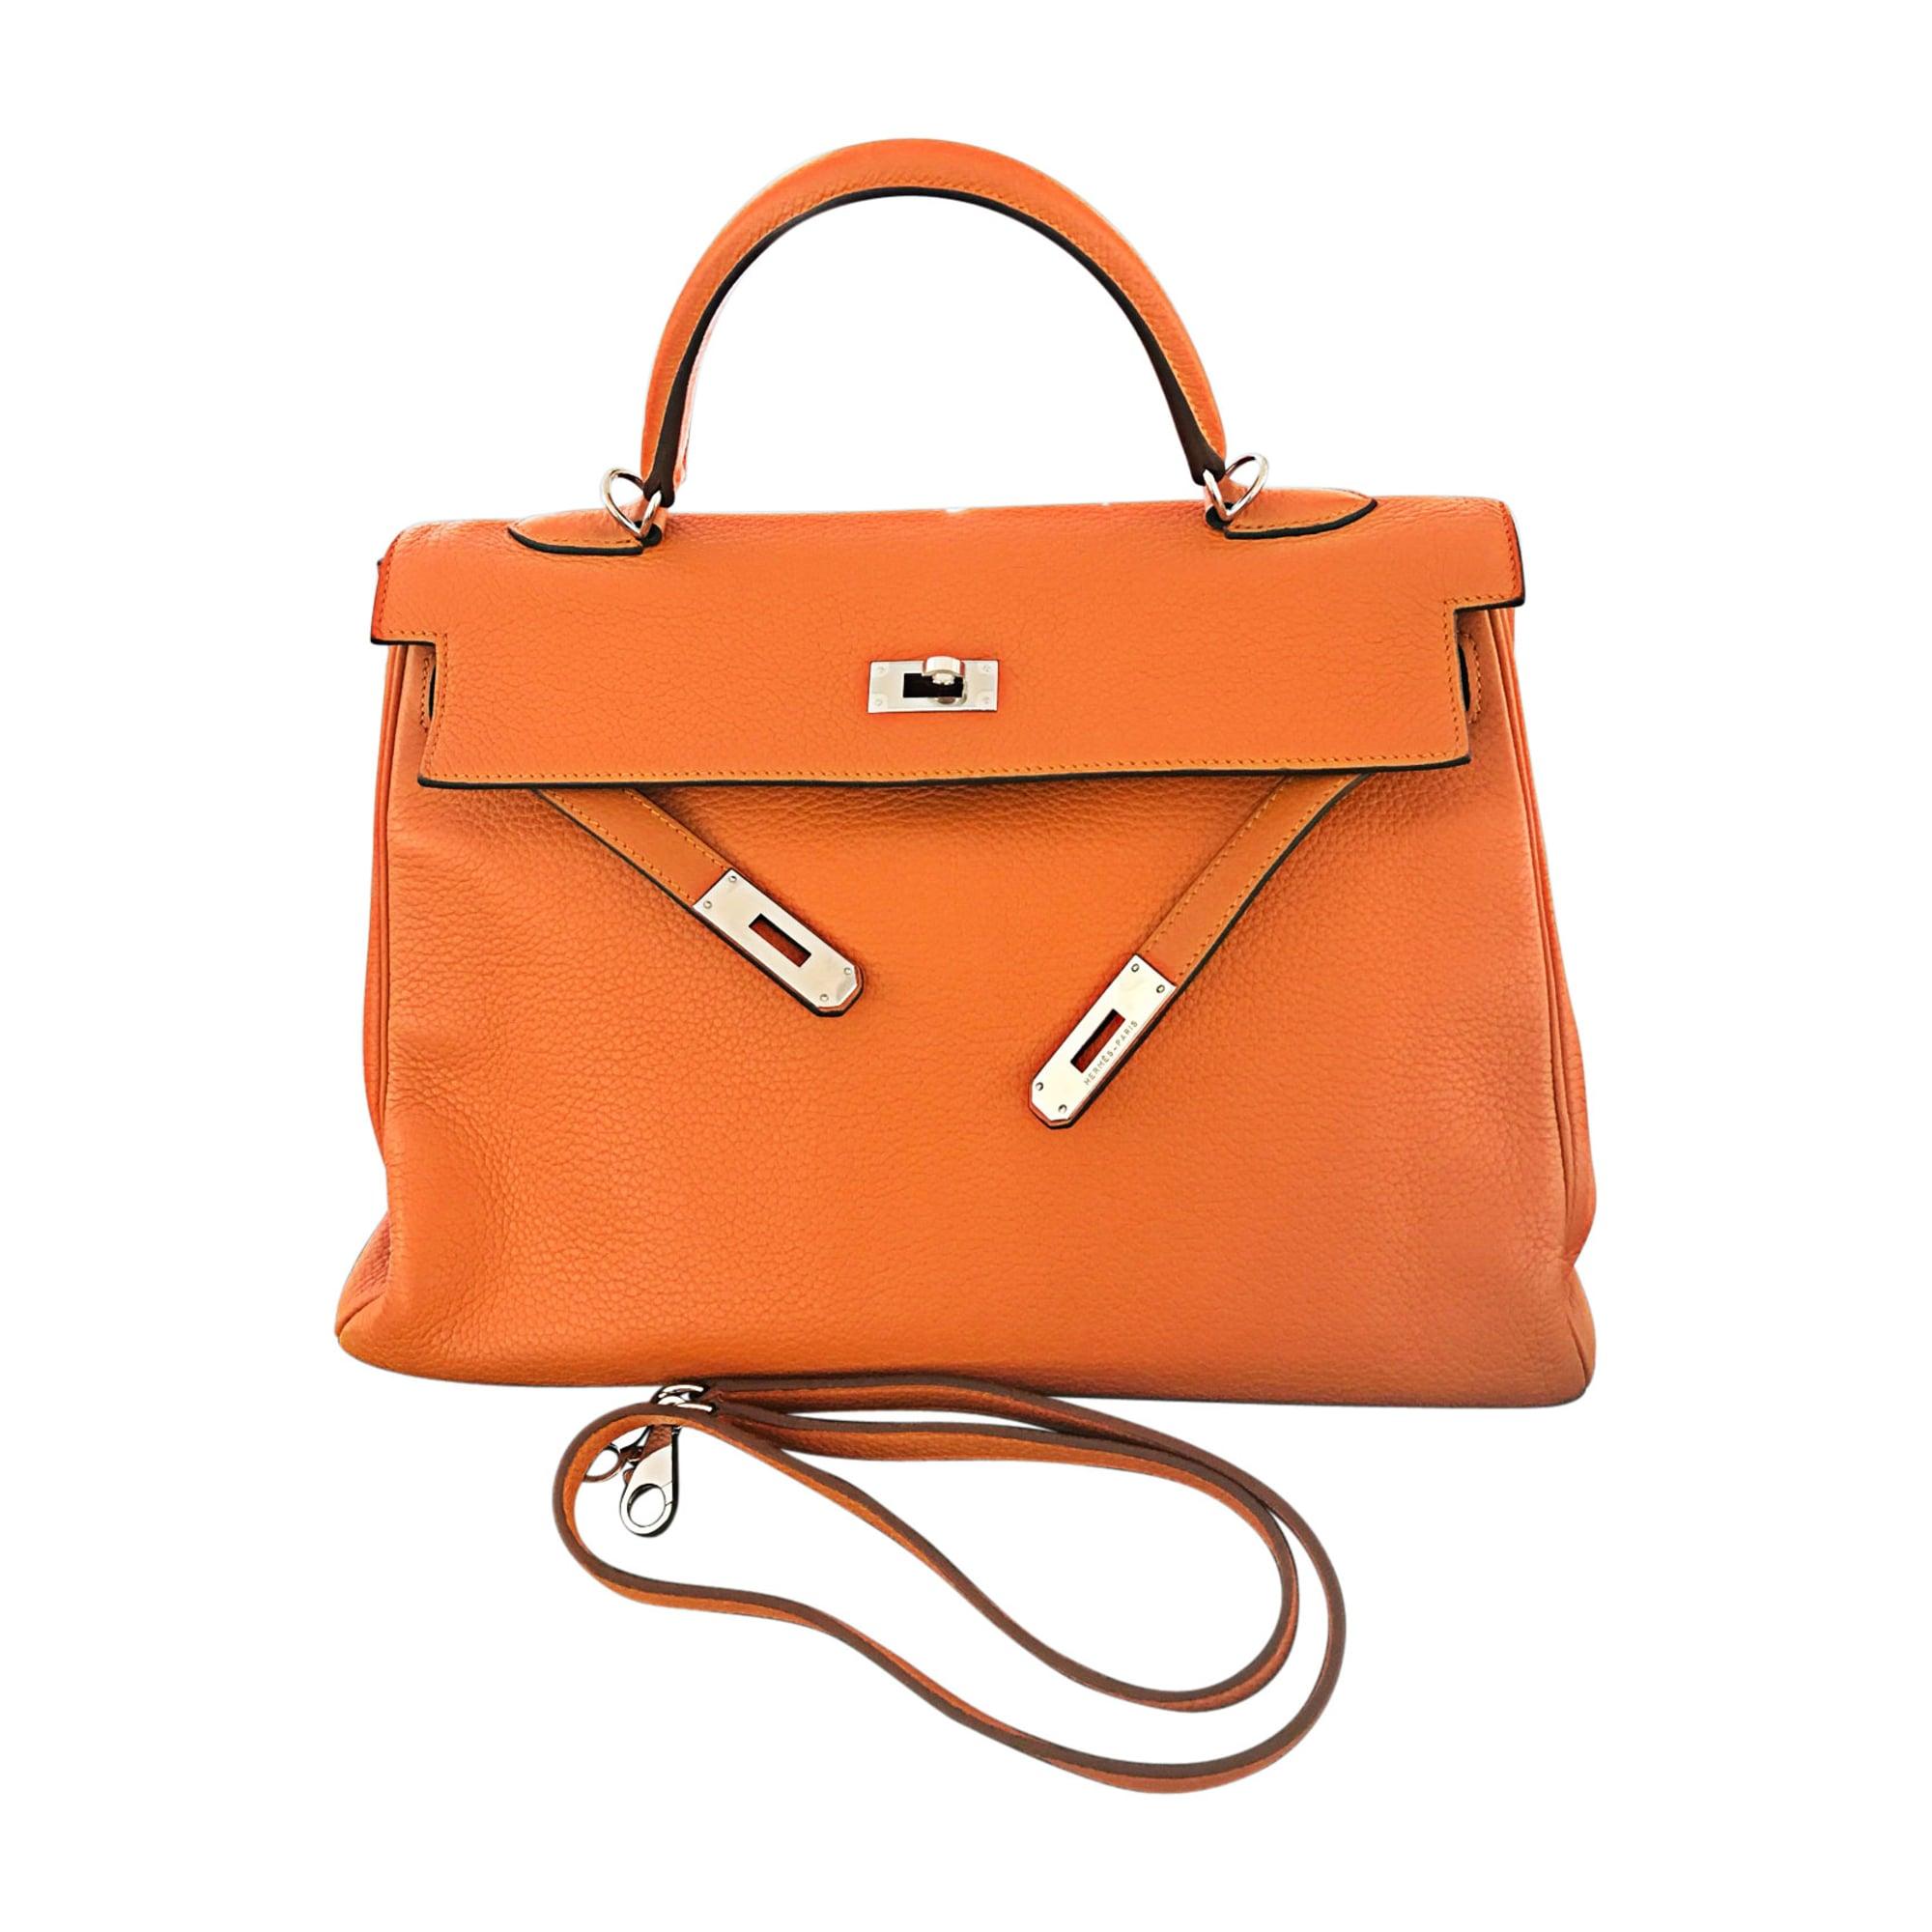 ebeb0b164f Sac à main en cuir HERMÈS kelly orange - 6520422